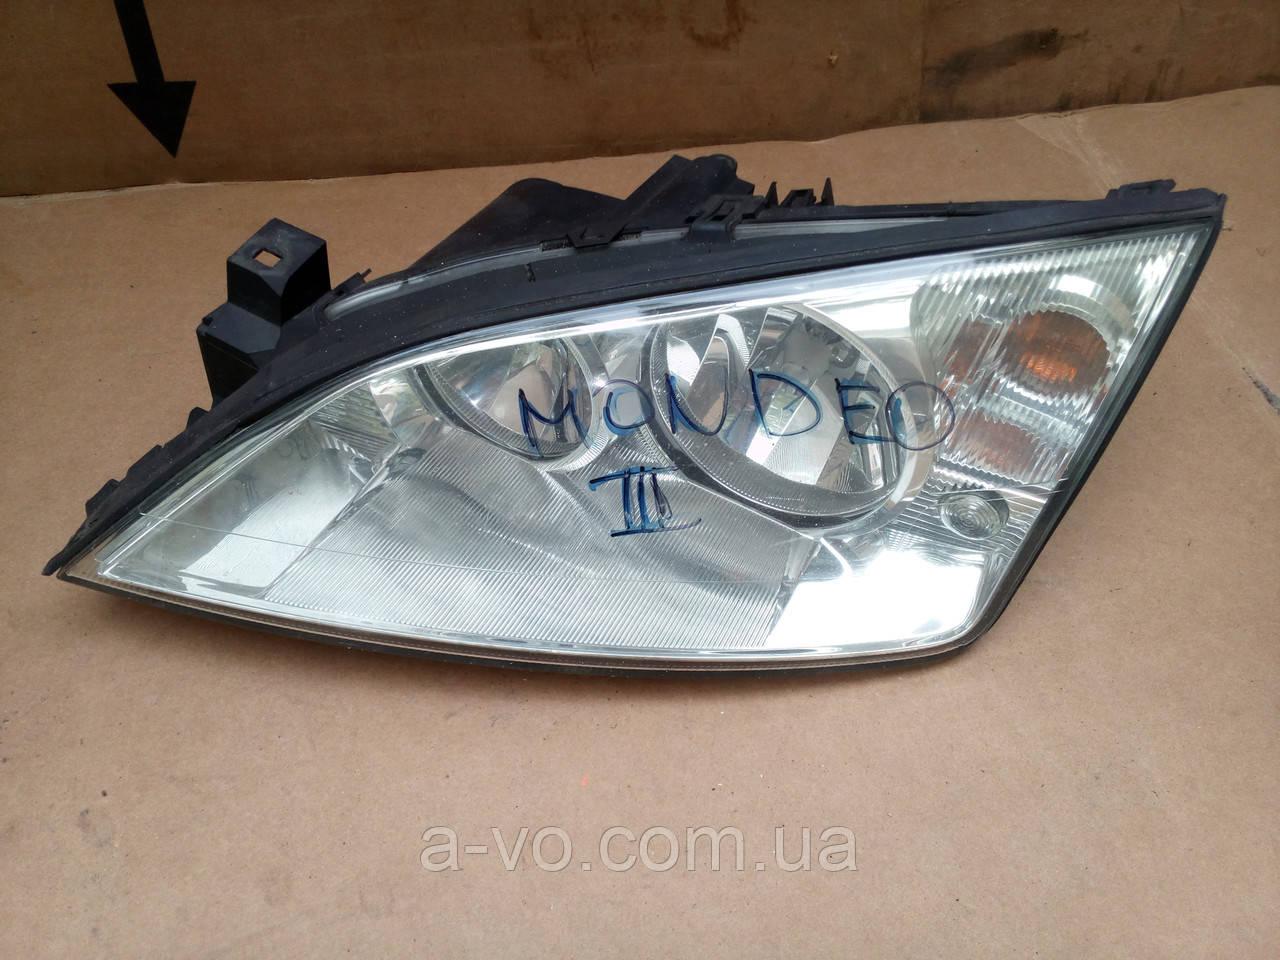 Фара основная левая для Ford Mondeo 3, AL 0301174201